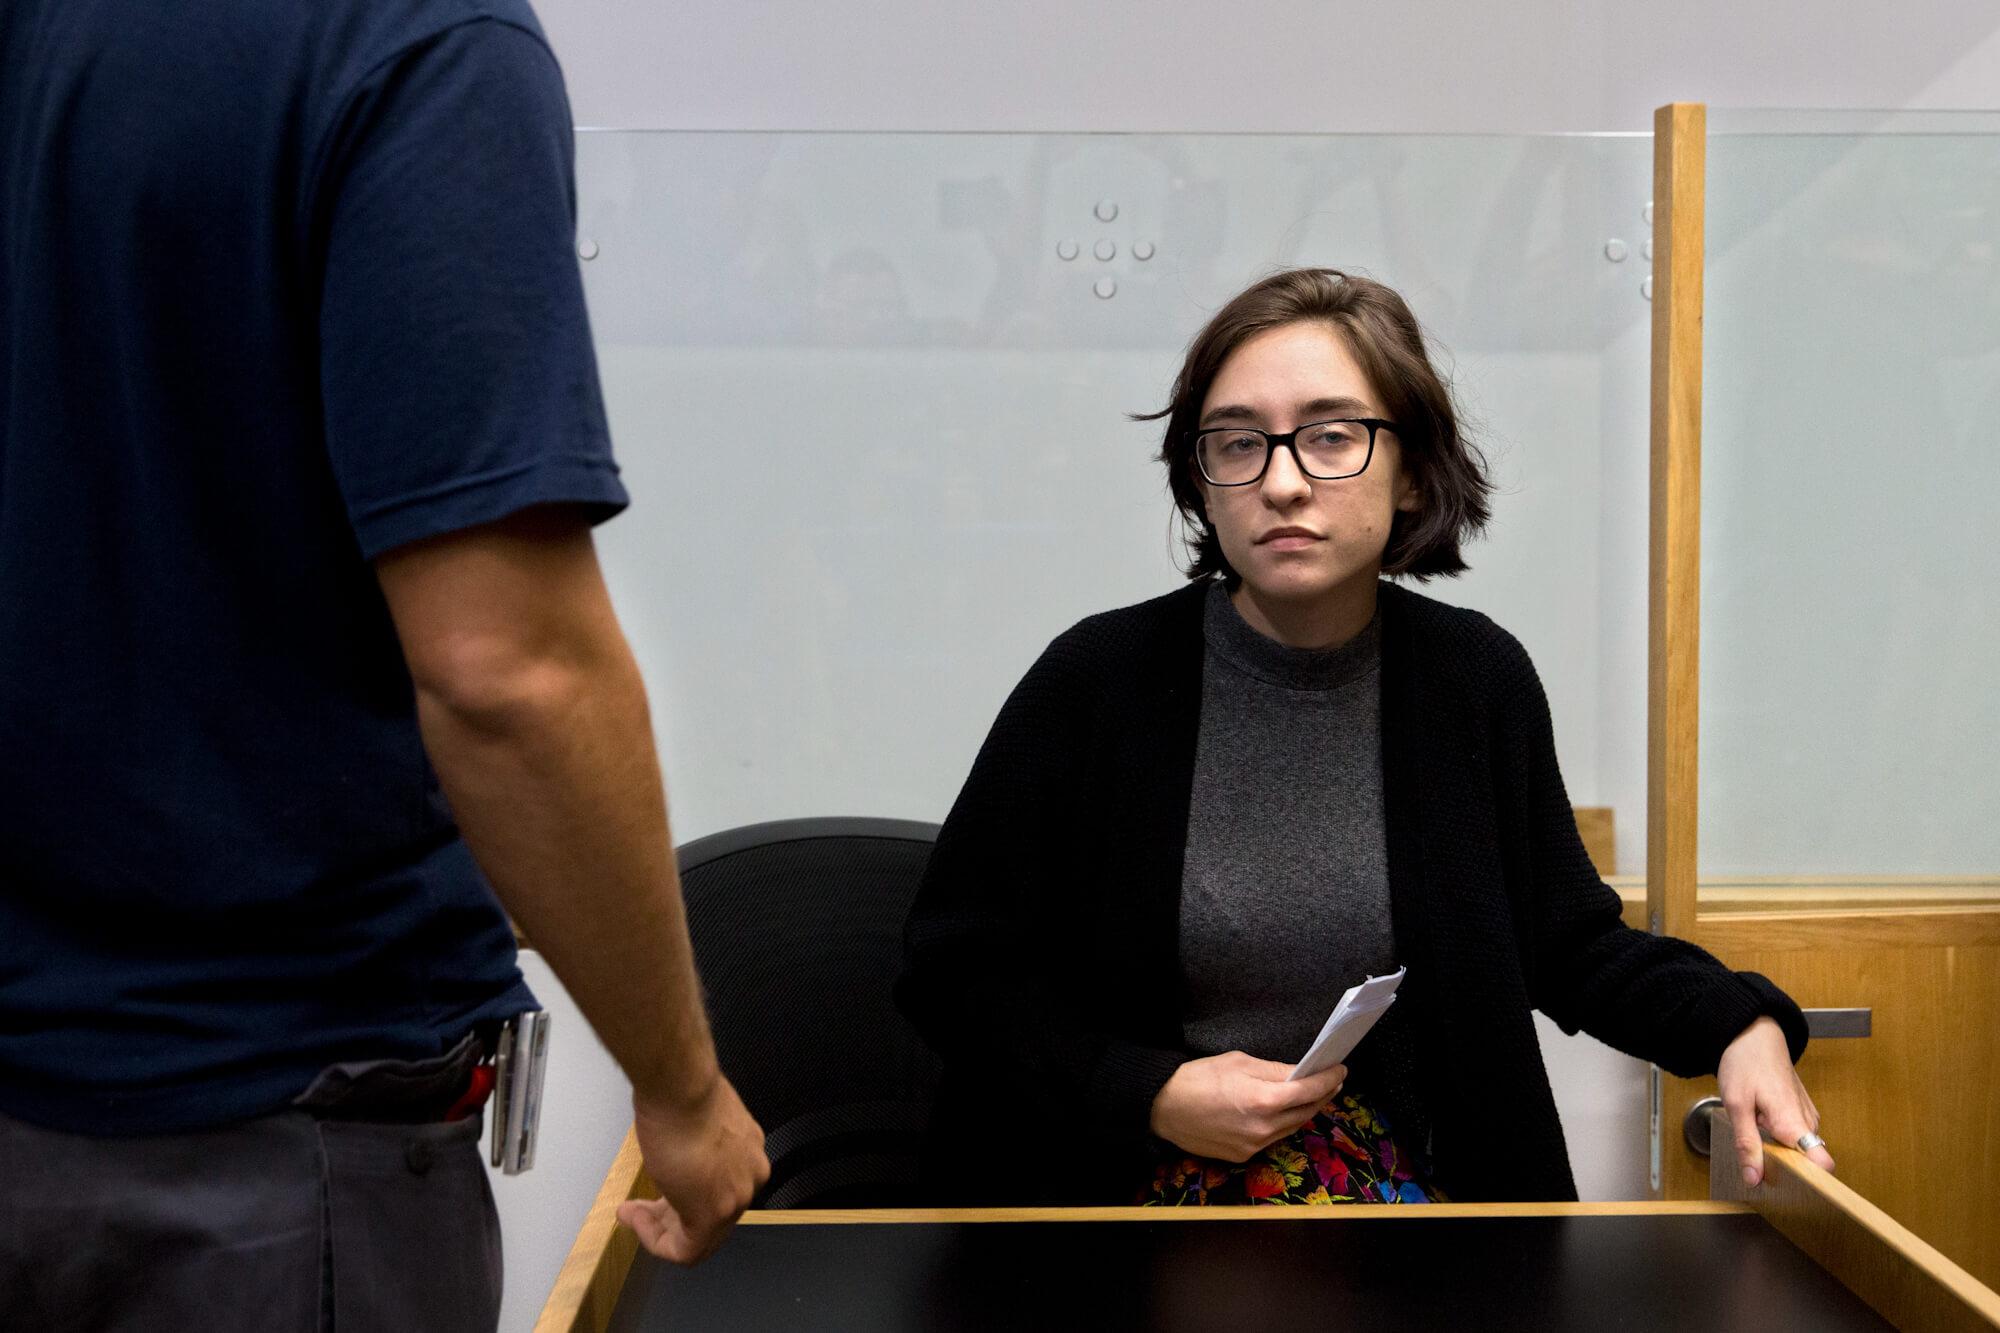 Lara Alqasem Israel